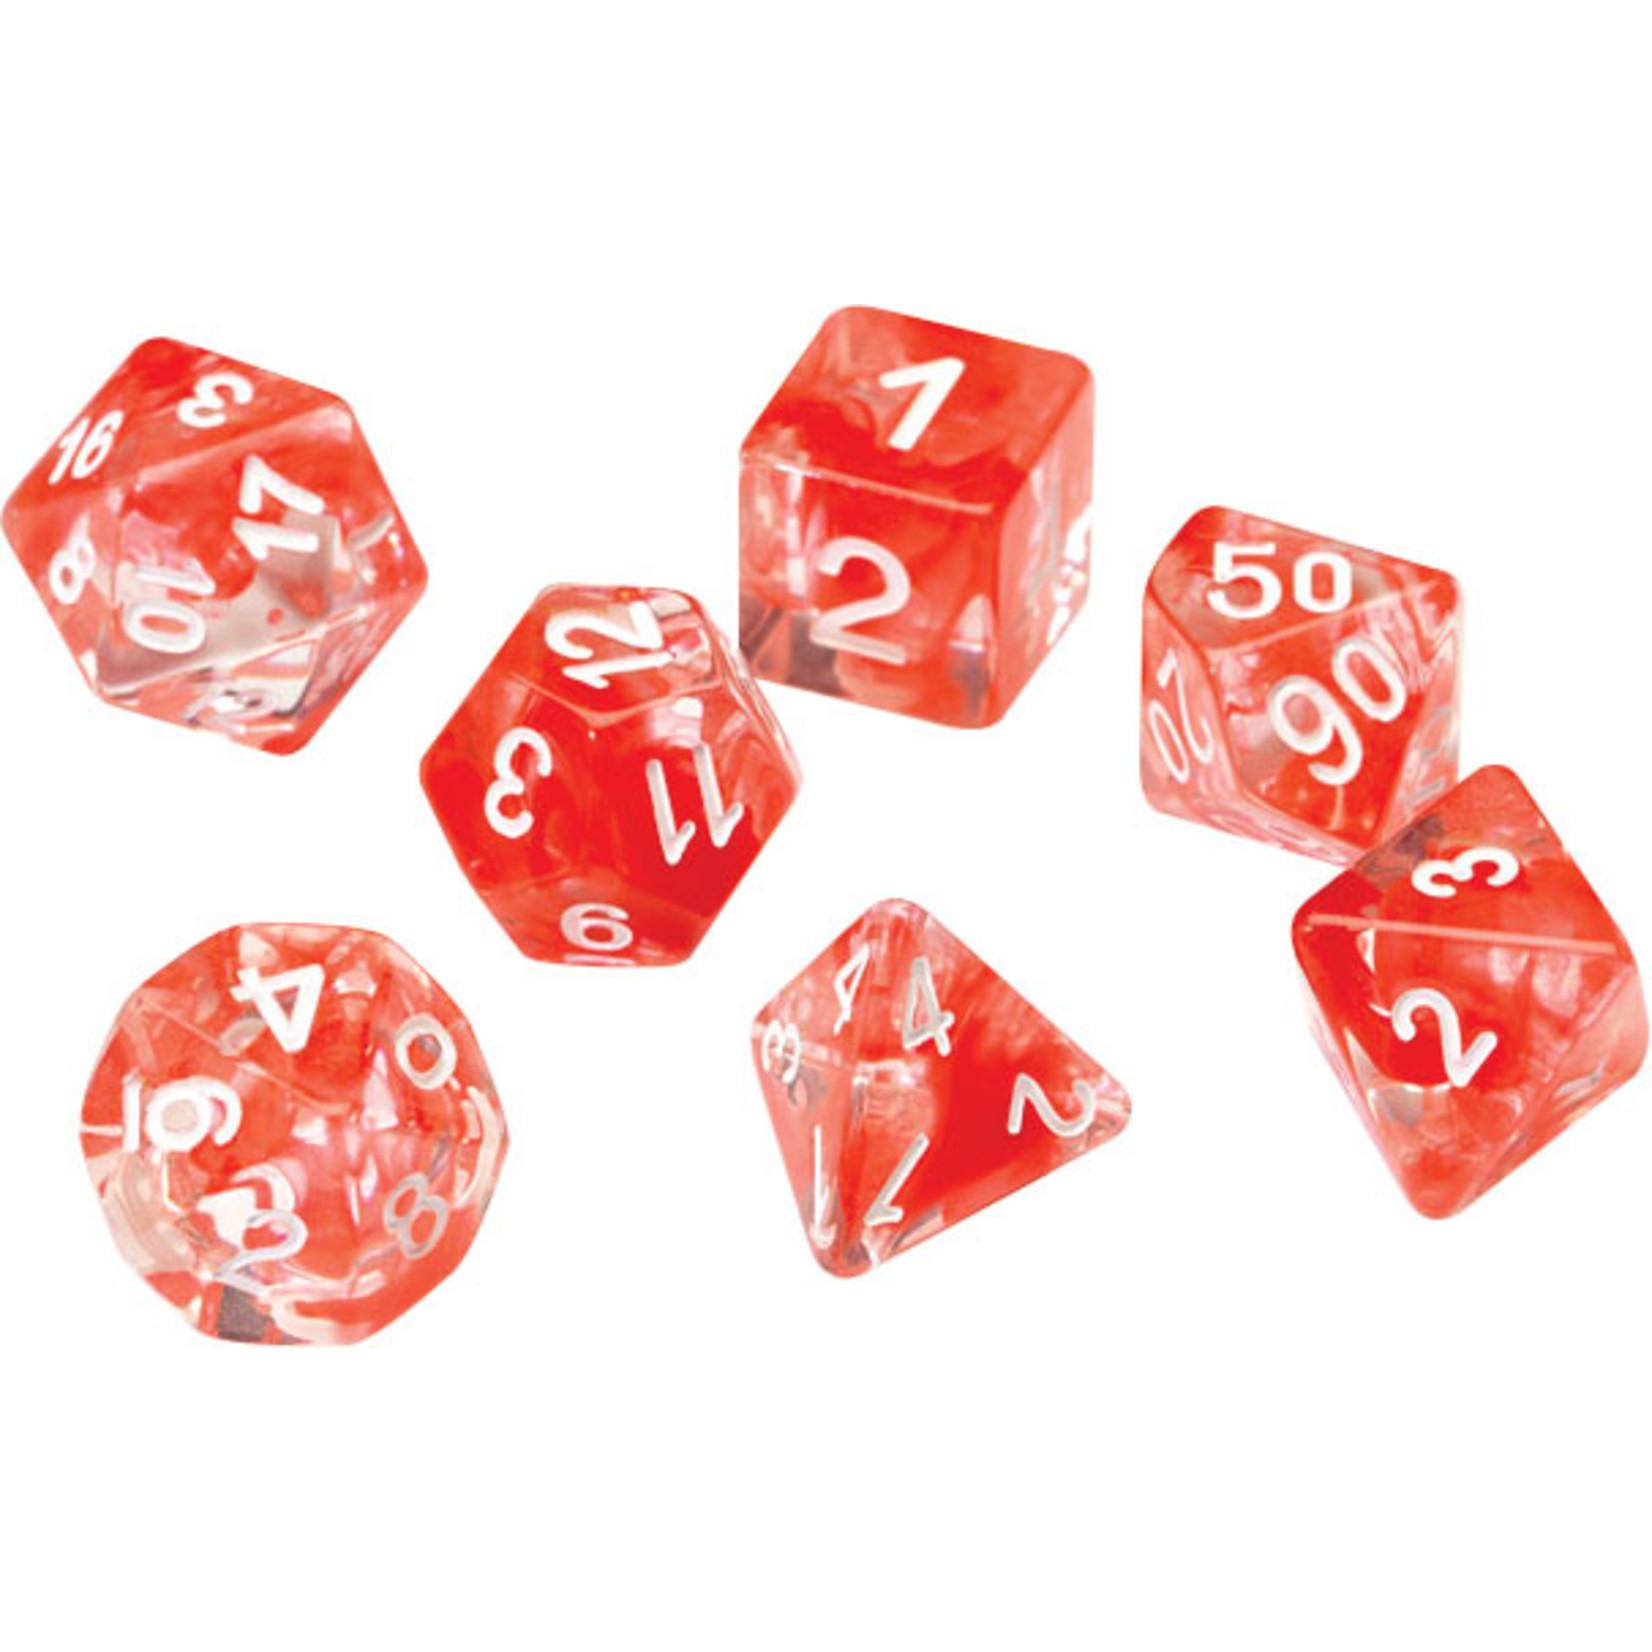 RPG Dice Set (7): Red Cloud Transparent Resin